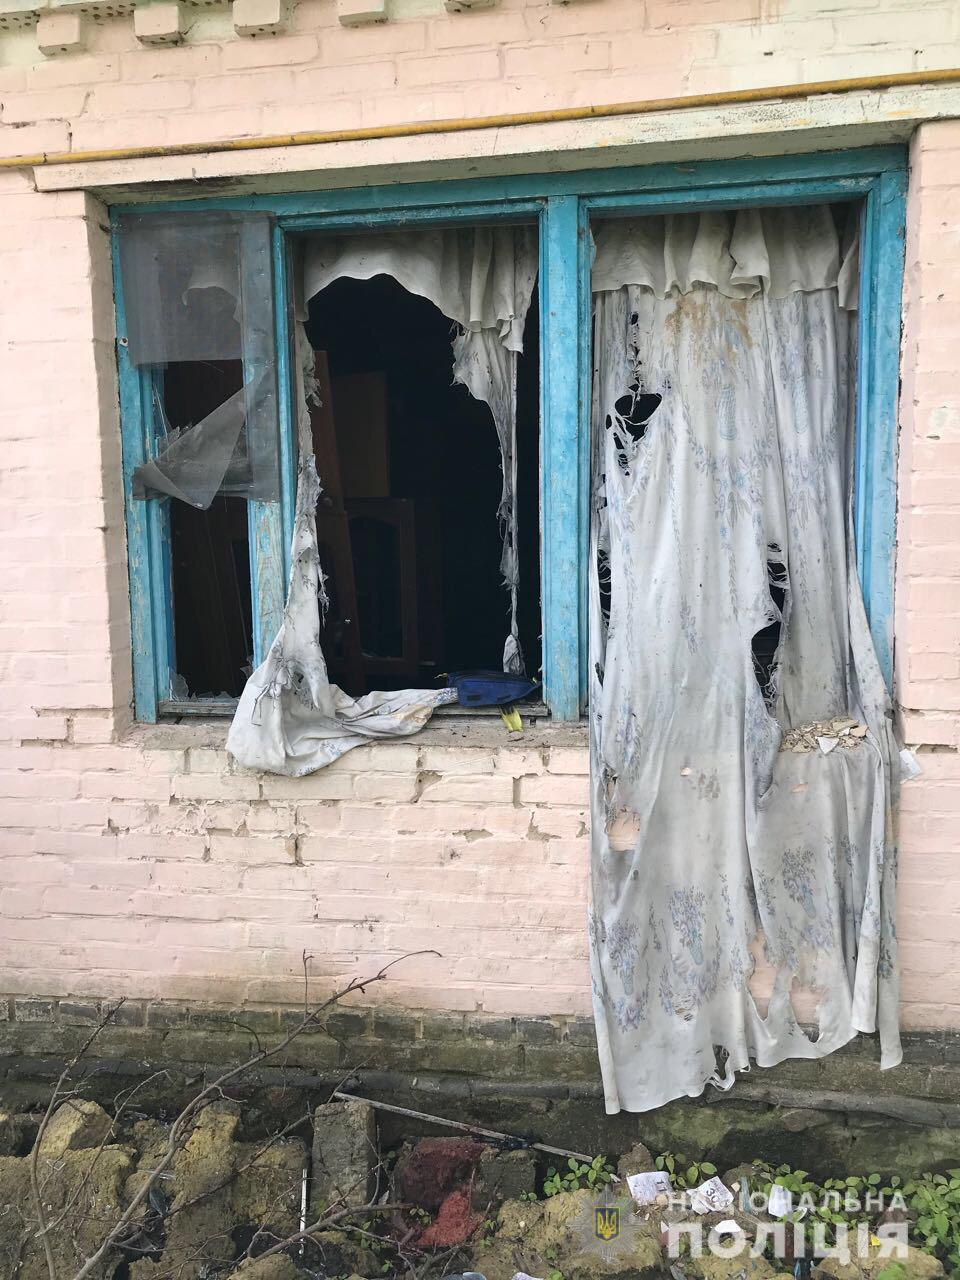 Помер ще один постраждалий від вибуху на Макарівщині -  - makariv trotyl vr